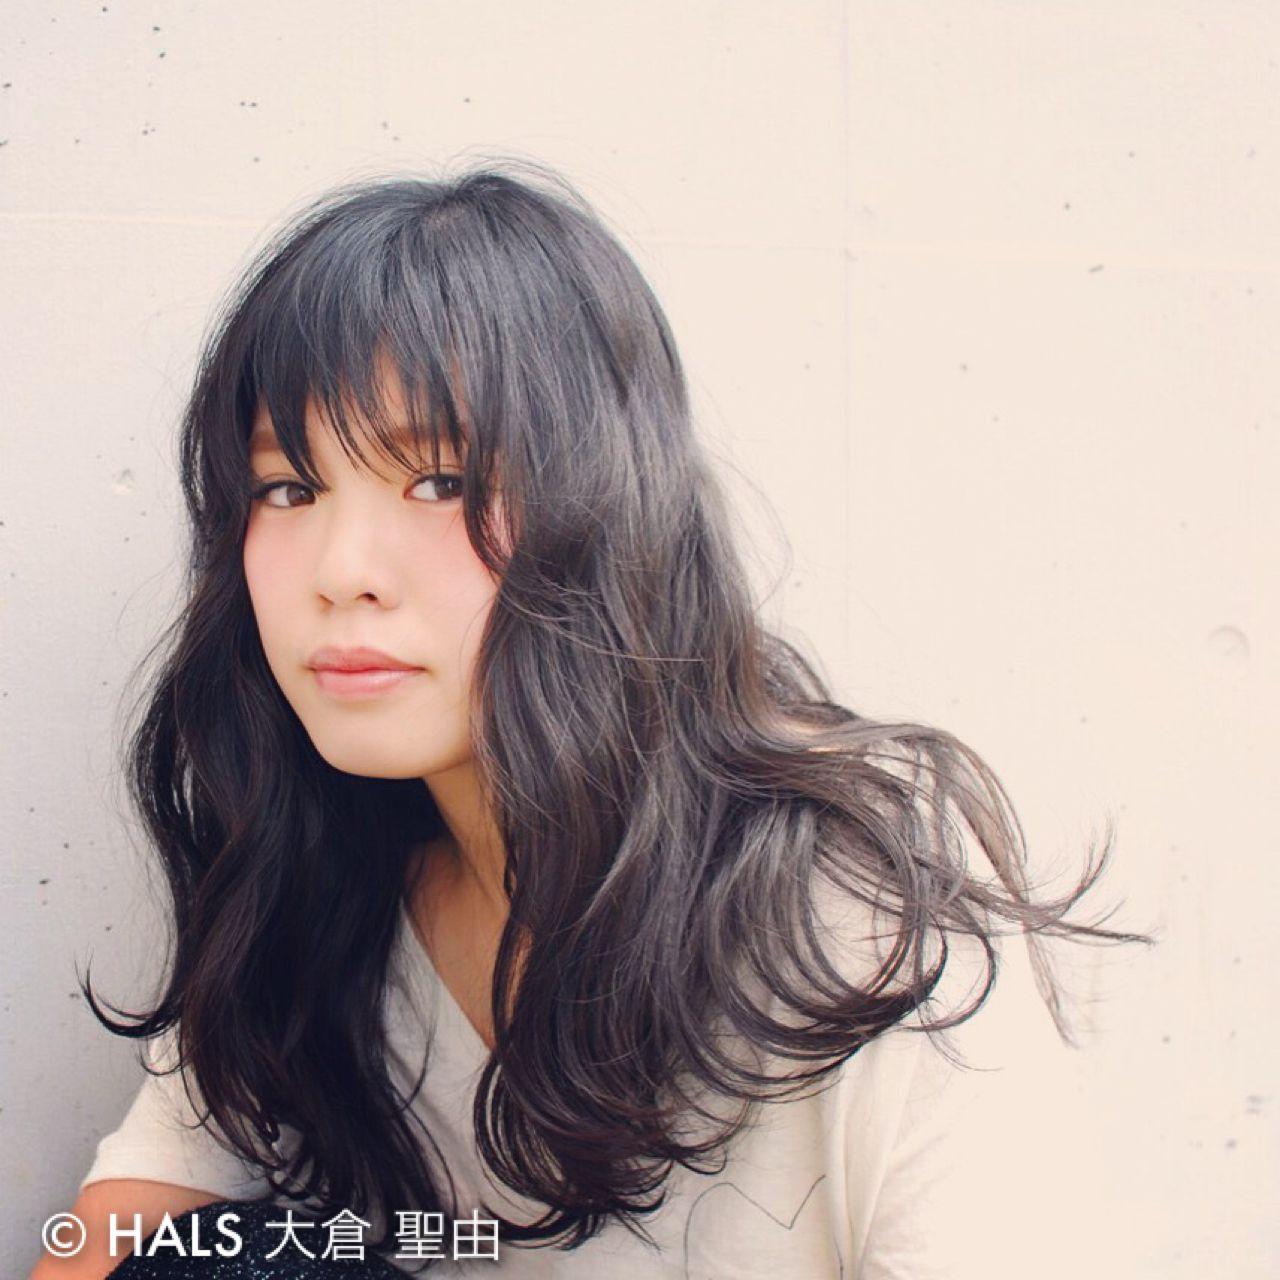 ブラウンベージュ 卵型 ウェットヘア ナチュラル ヘアスタイルや髪型の写真・画像 | 大倉 聖由 / OFF.HAIRSHOP